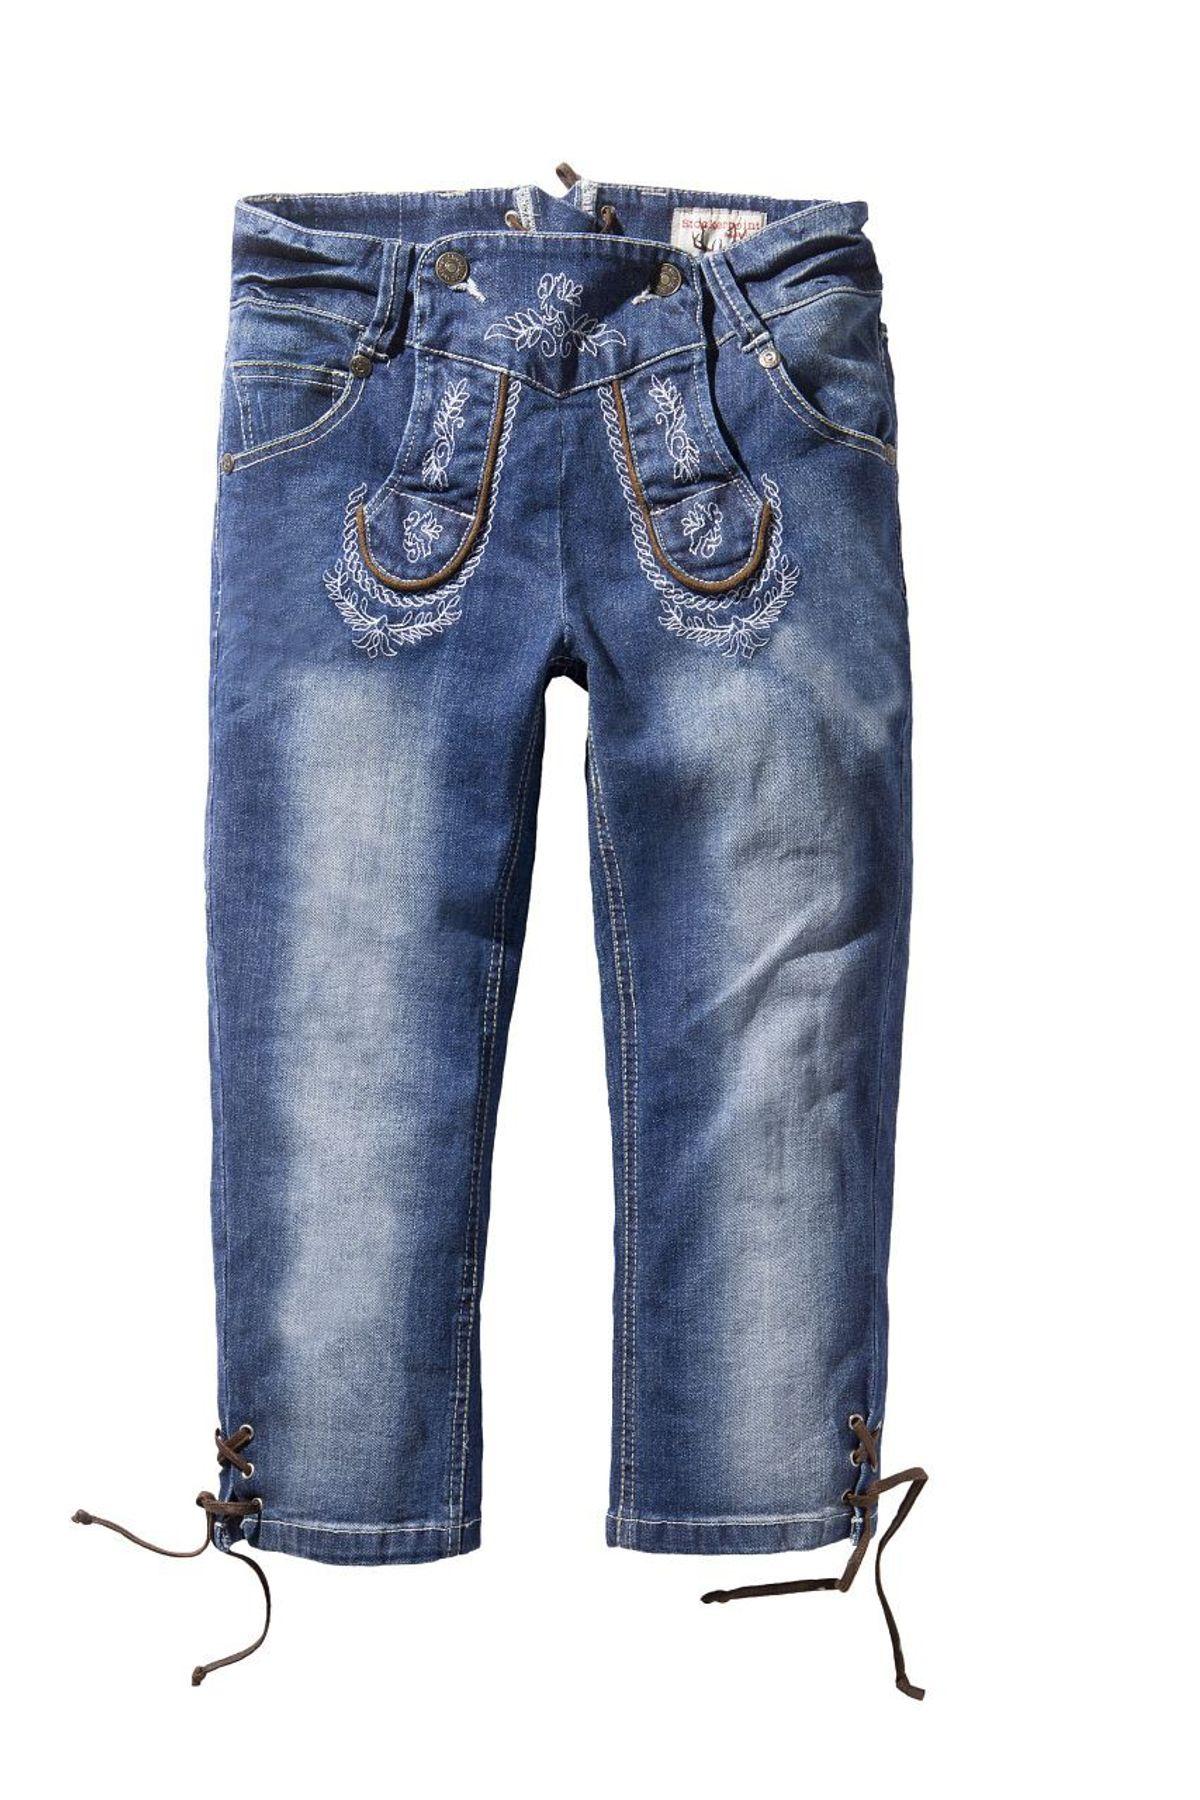 Stockerpoint - Damen Trachten Jeanshose Kniebund Trueblue, Momo – Bild 1